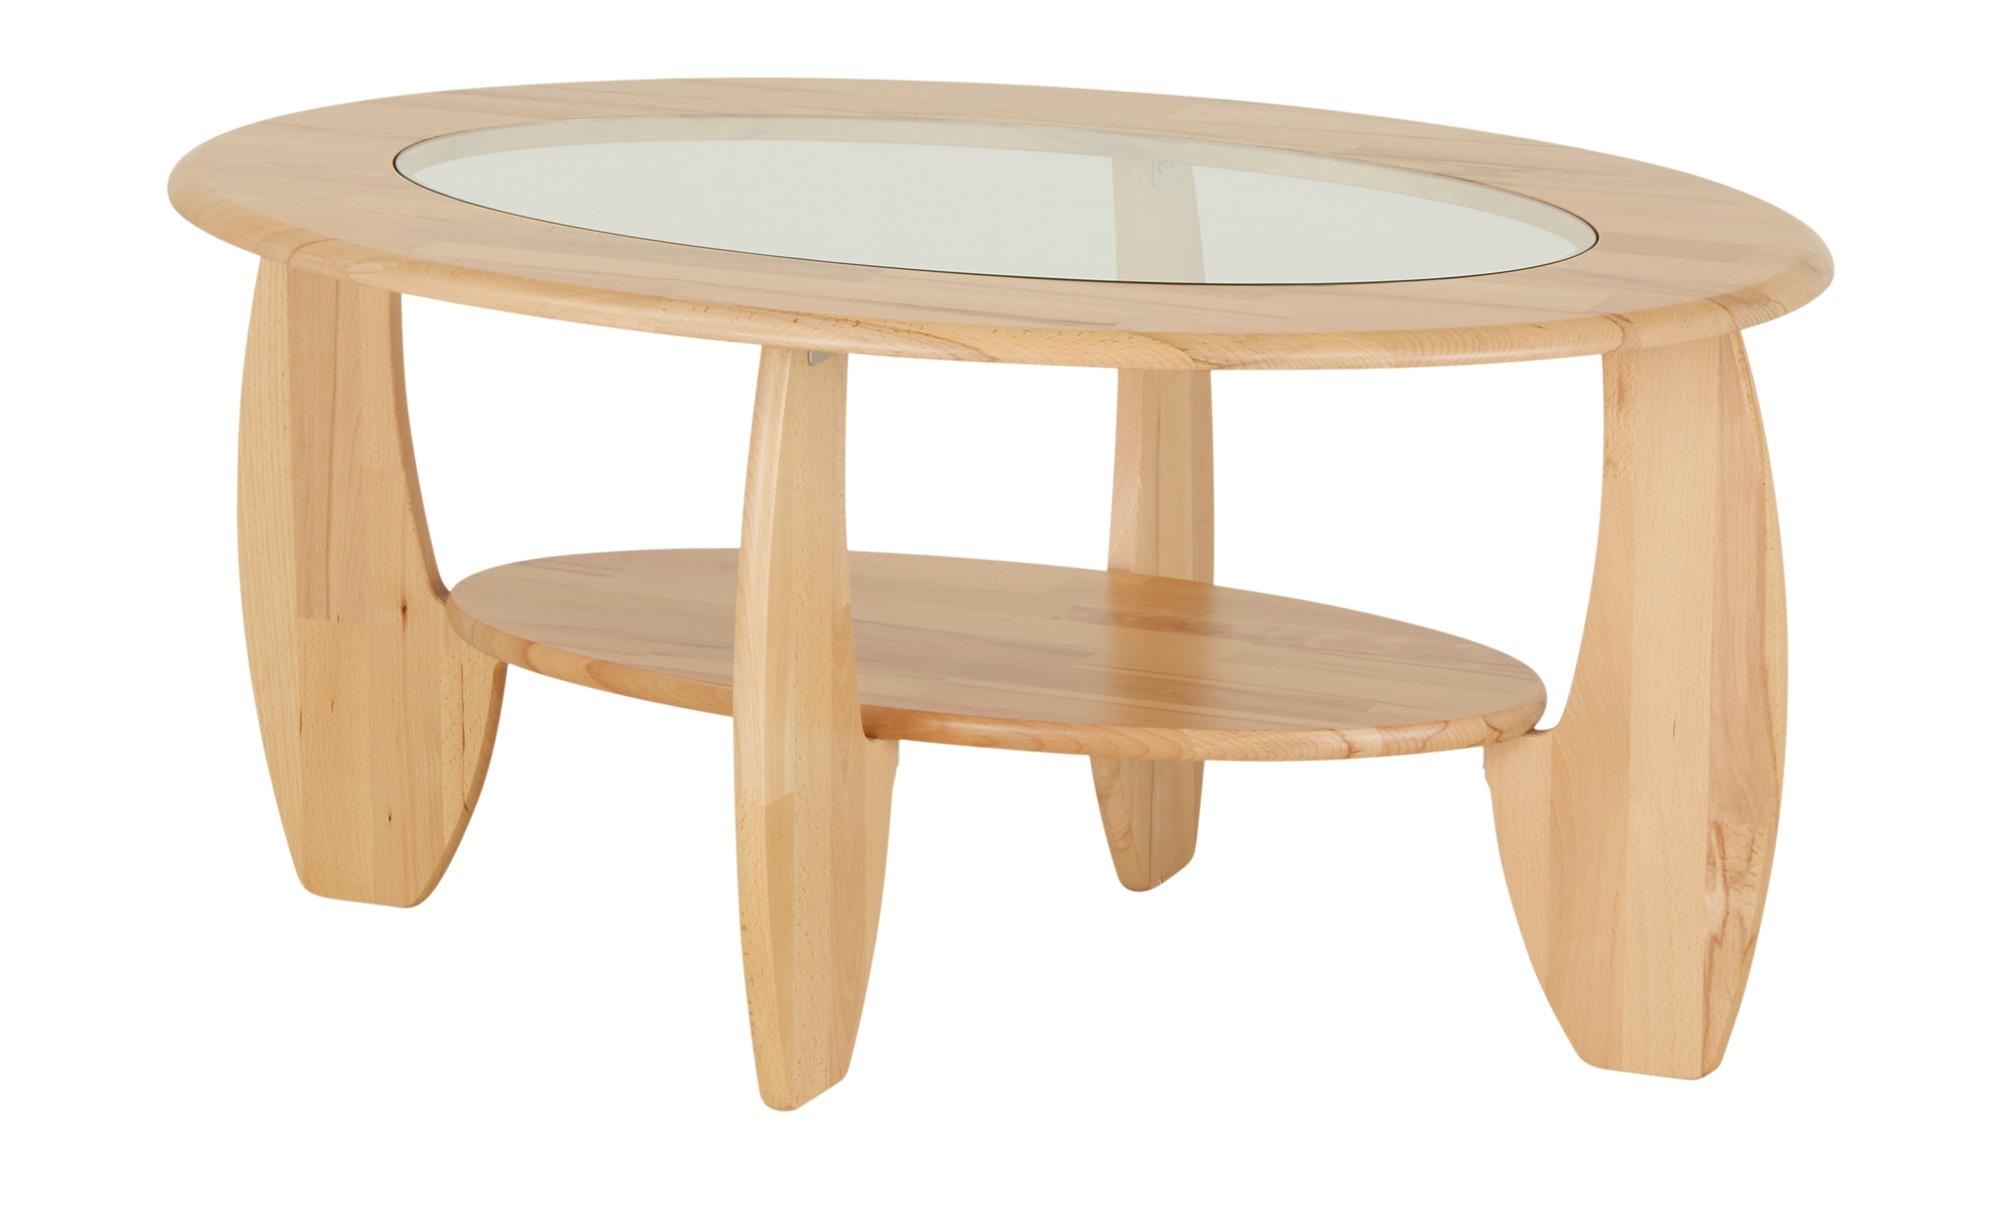 Couchtisch  Taiwan ¦ holzfarben ¦ Maße (cm): B: 69 H: 49 T: 69 Tische > Couchtische > Couchtisch Massivholz - Höffner